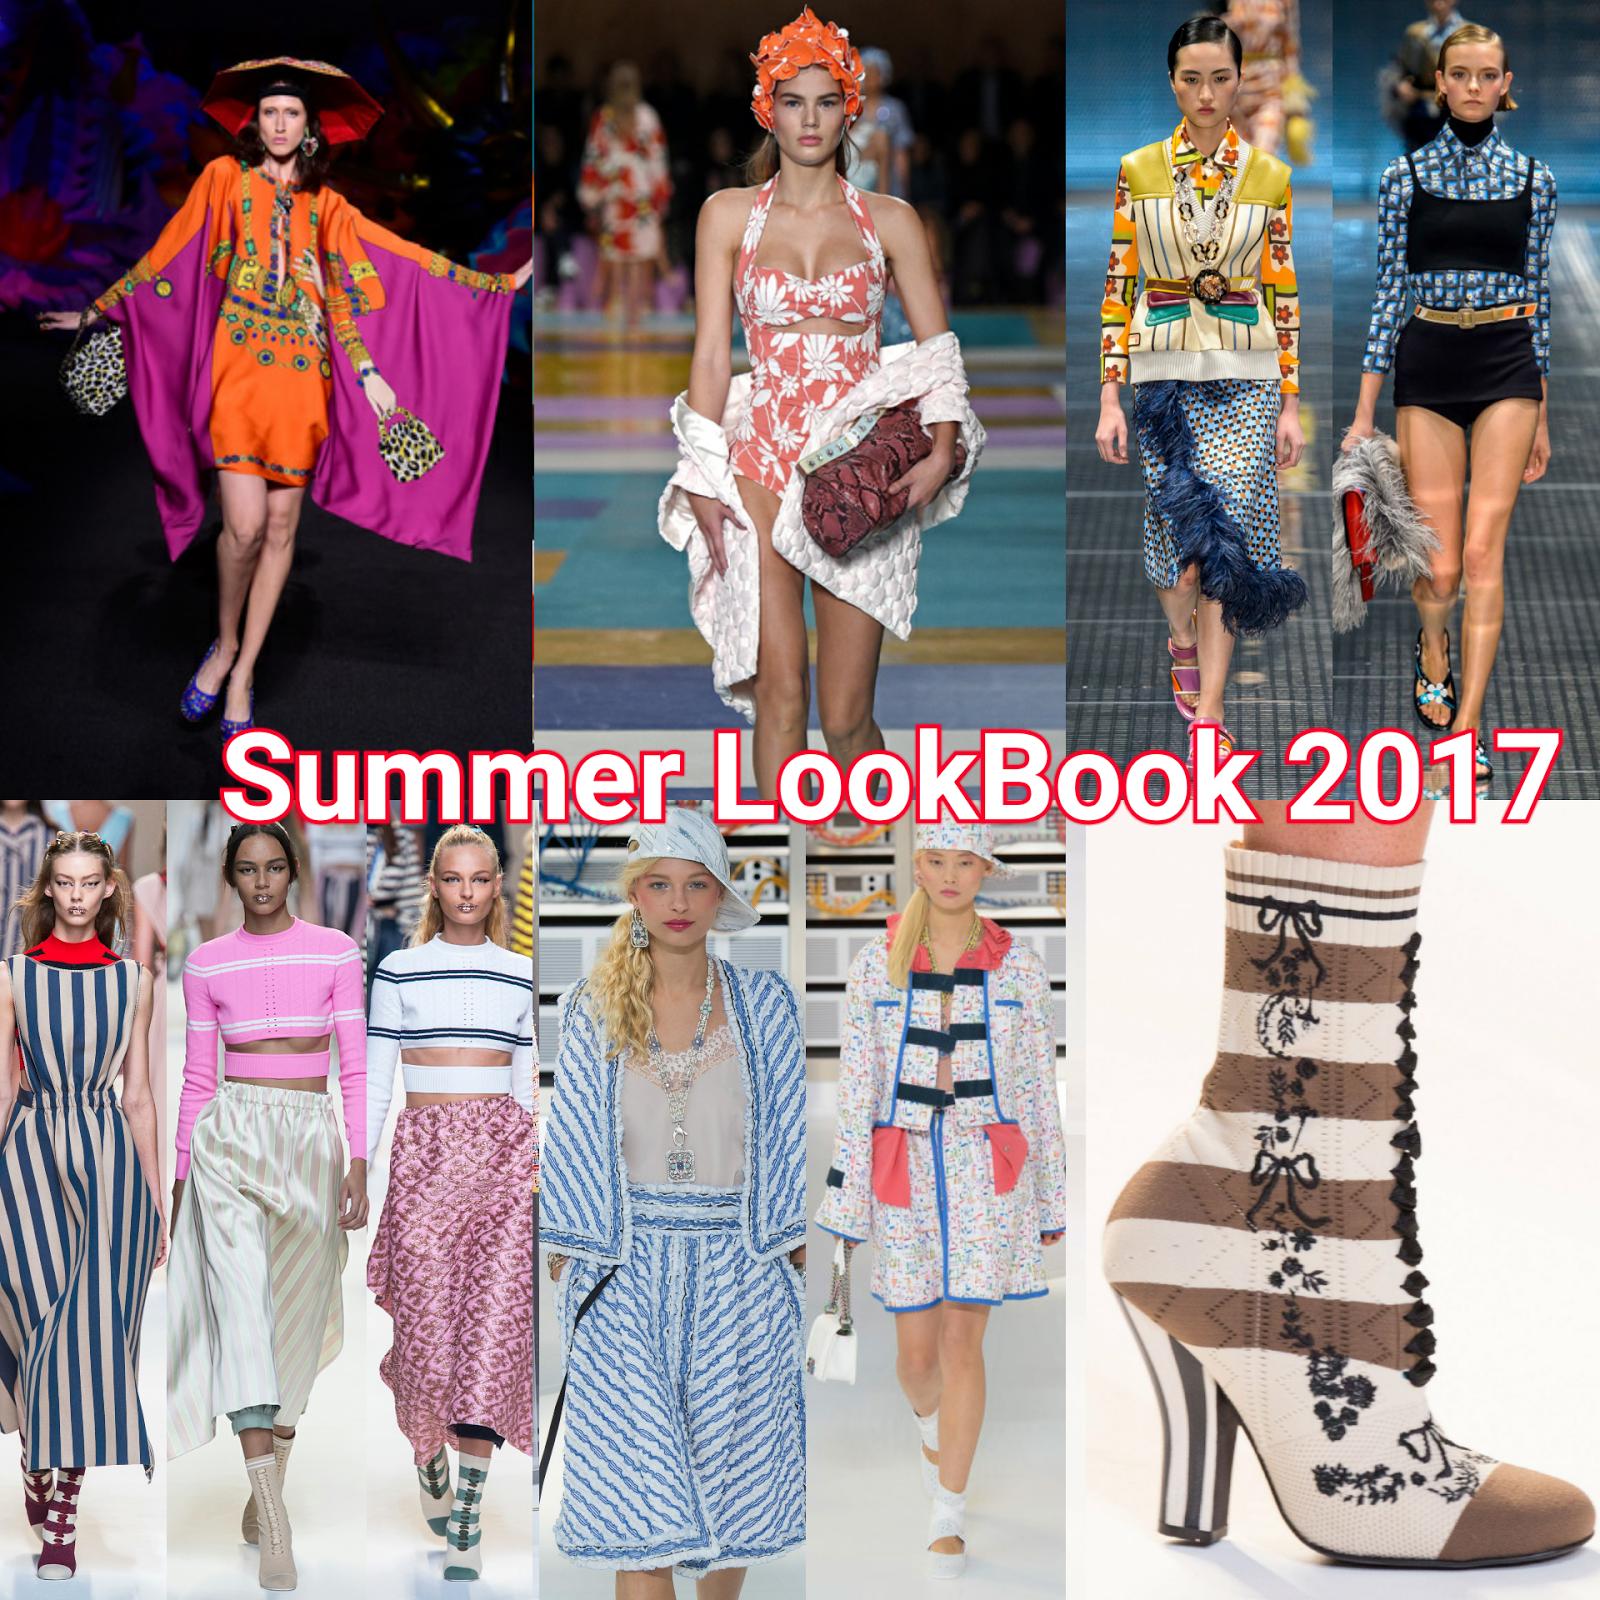 Summer Look 2017: l'imperativo è Osare! Per un'estate al massimo con stile